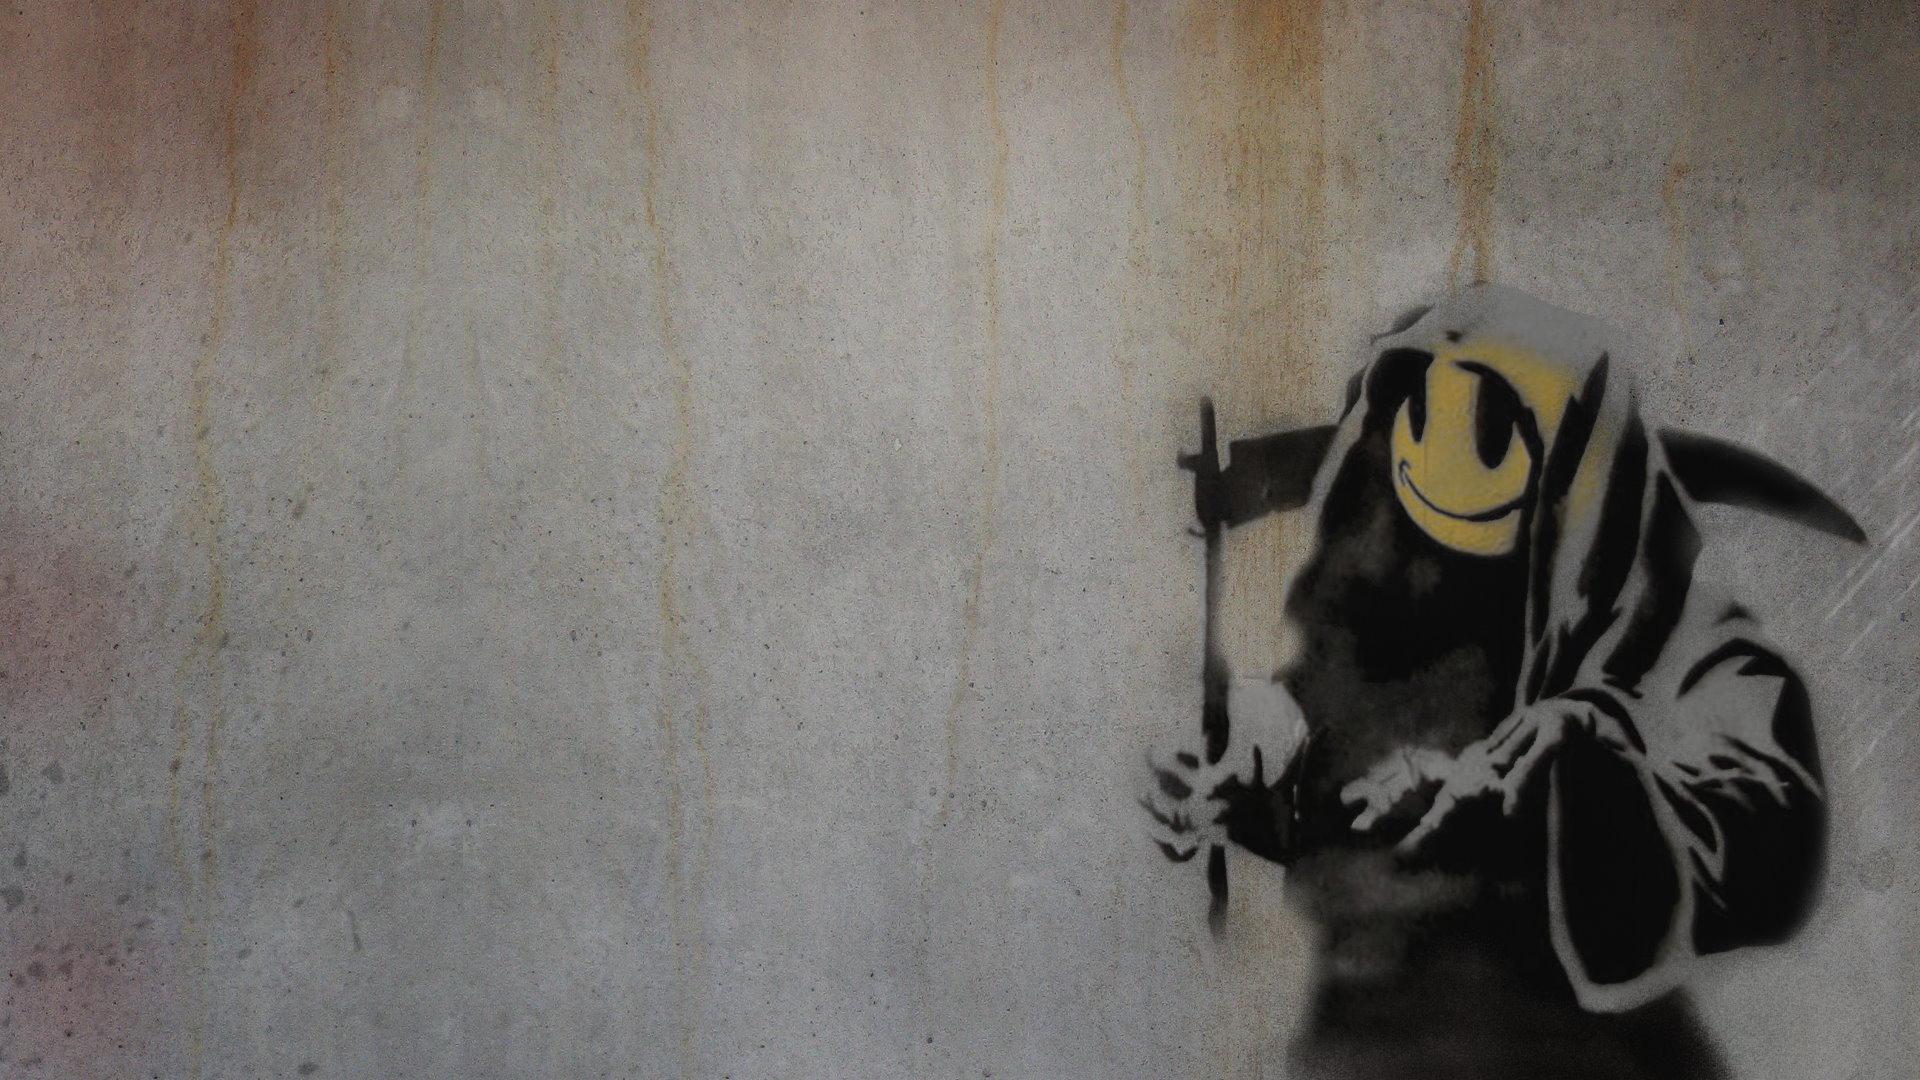 Hd graffiti wallpapers 1080p wallpapersafari for 1080p 1920x1080